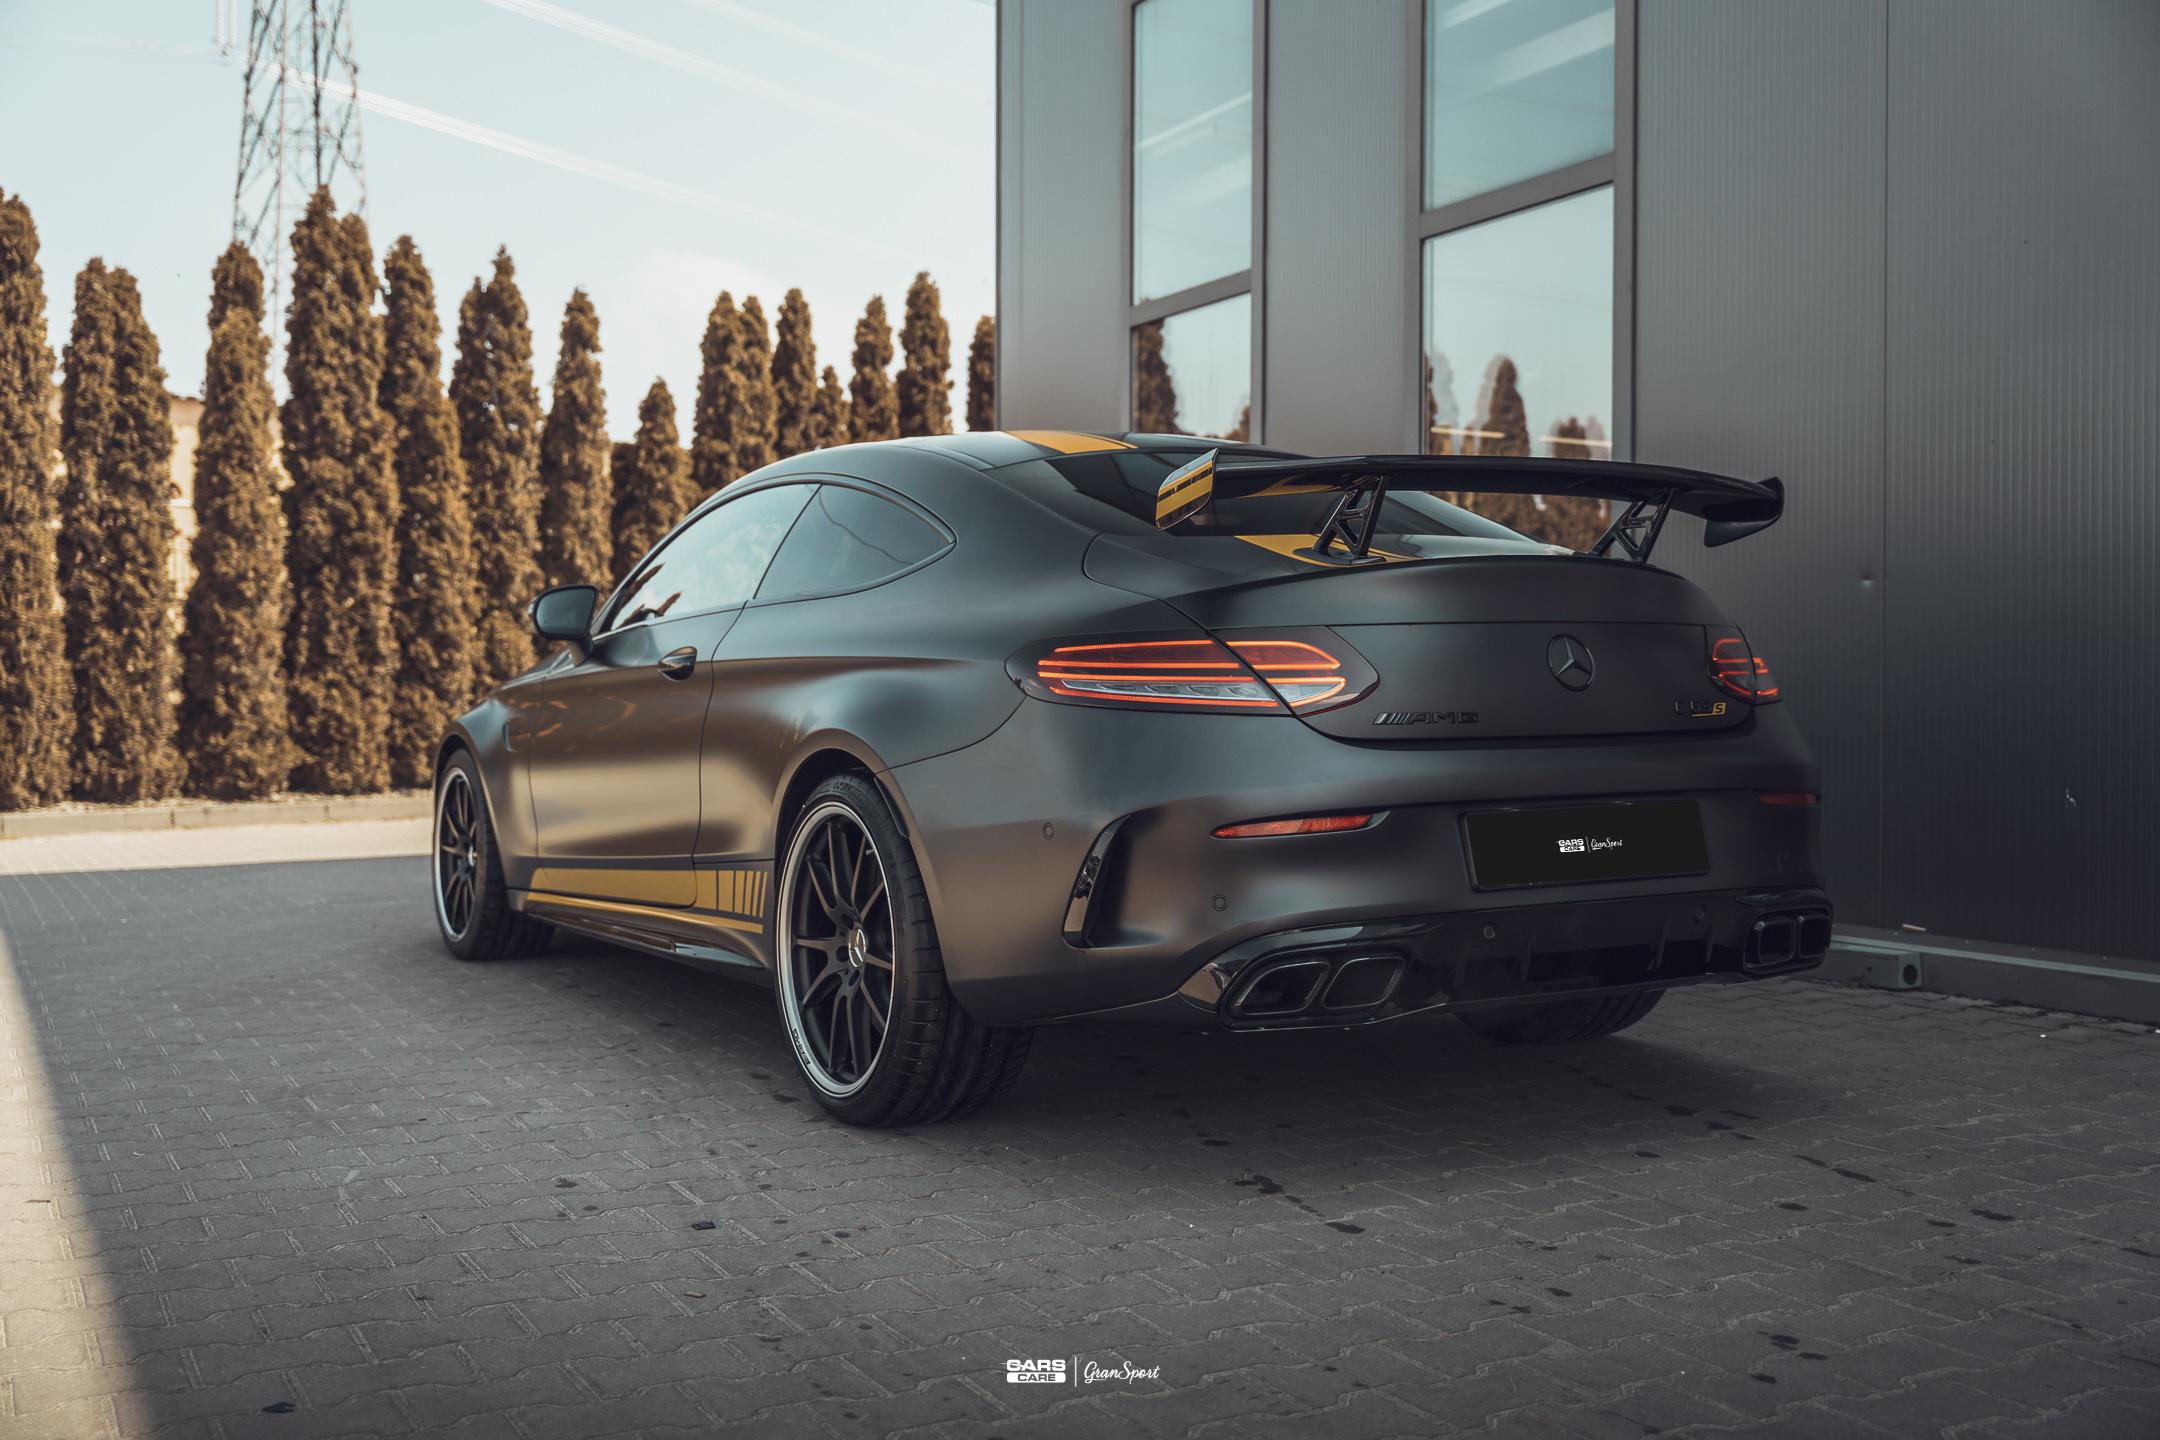 Mercedes-AMG C 63 S Coupe - Zabezpieczenie auta bezbarwną folią ochronną - carscare.pl